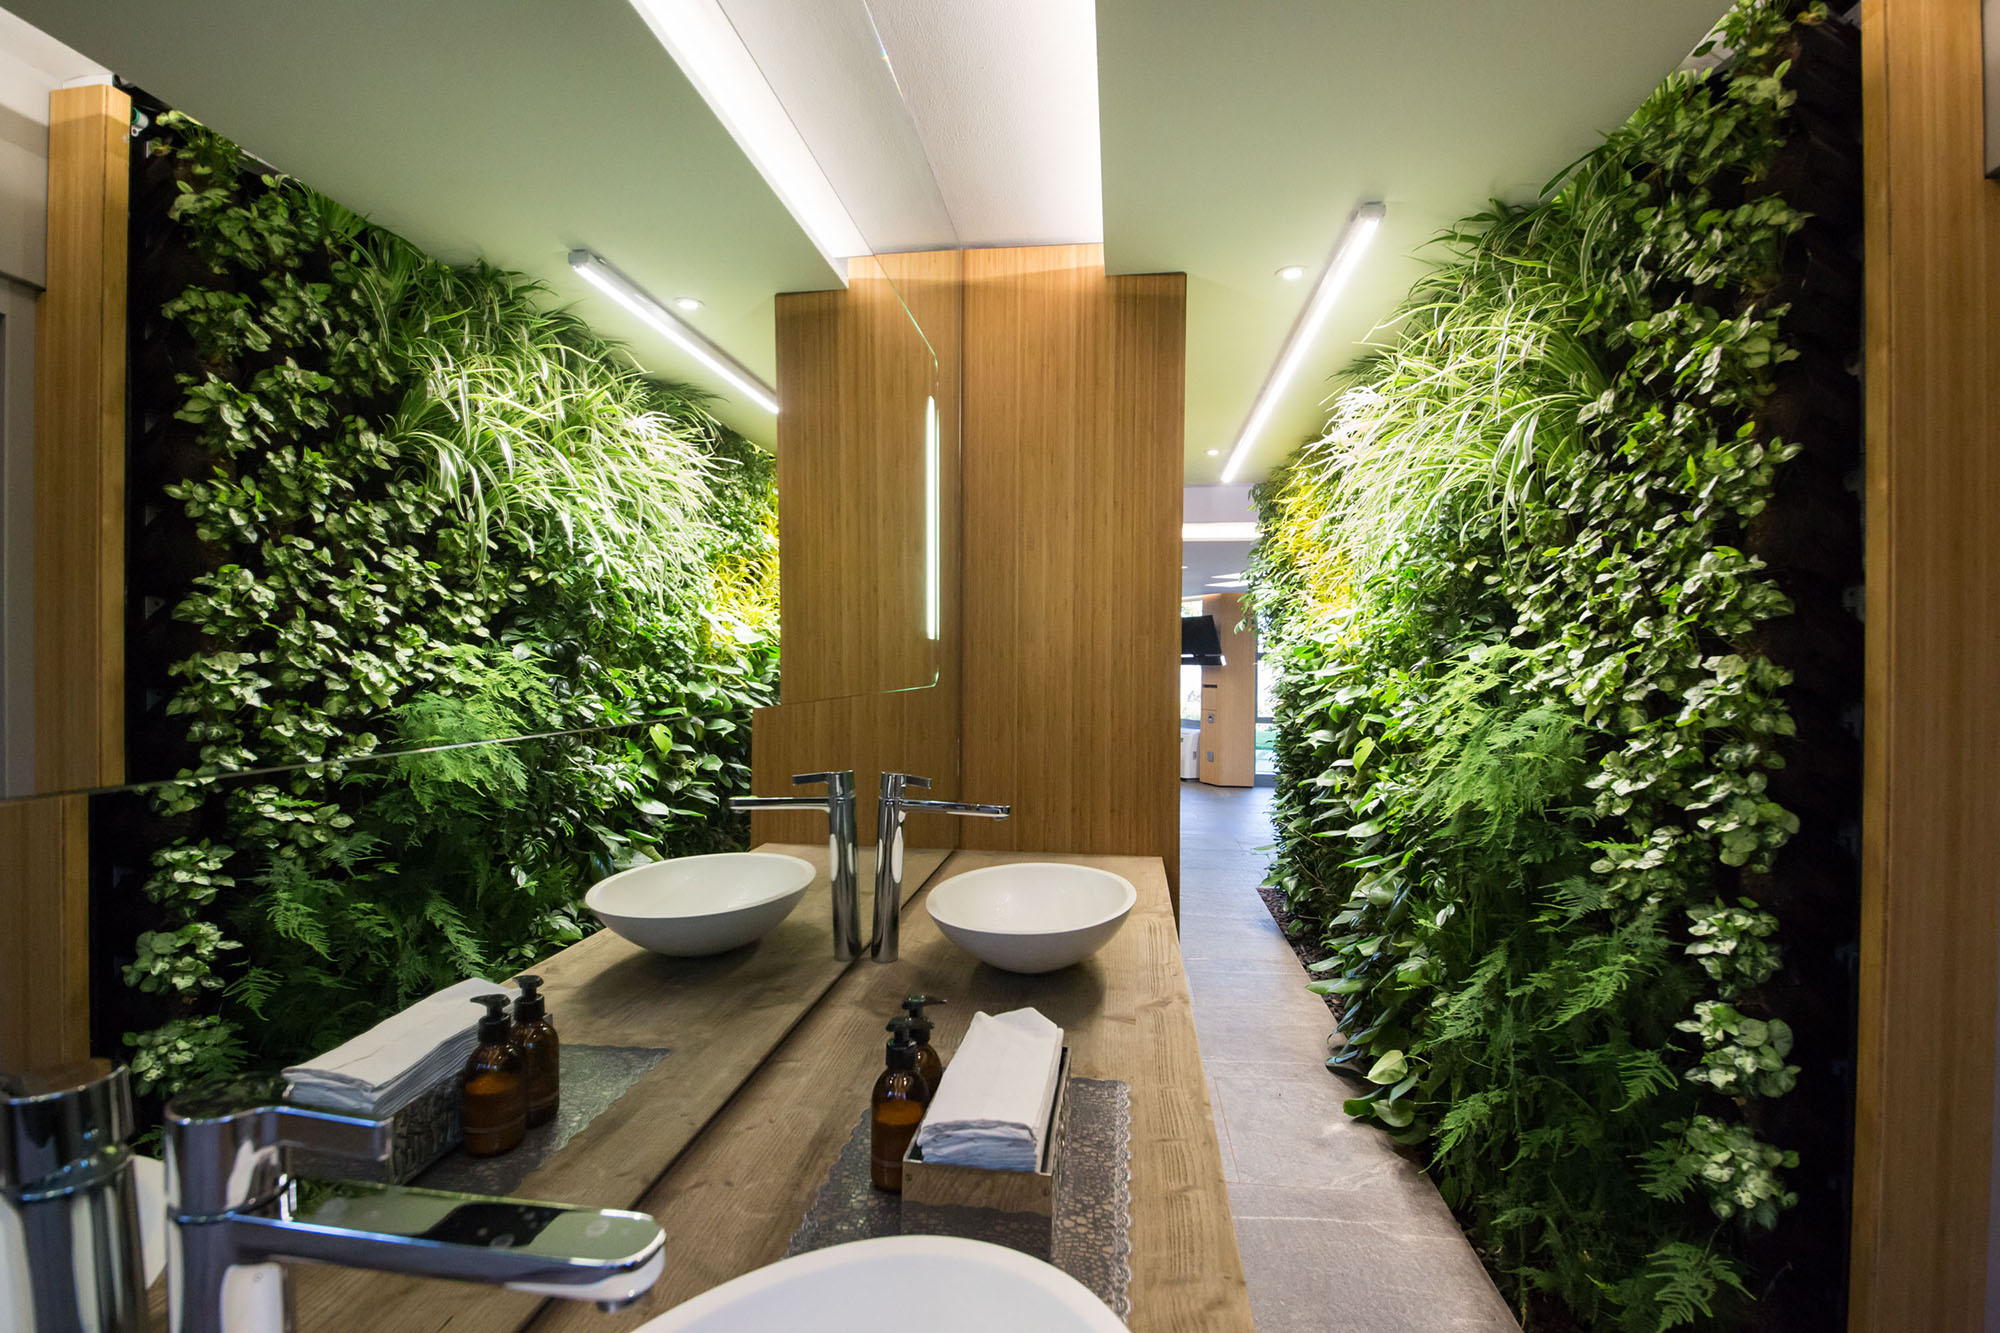 Eco wall built inside a modern style bathroom.